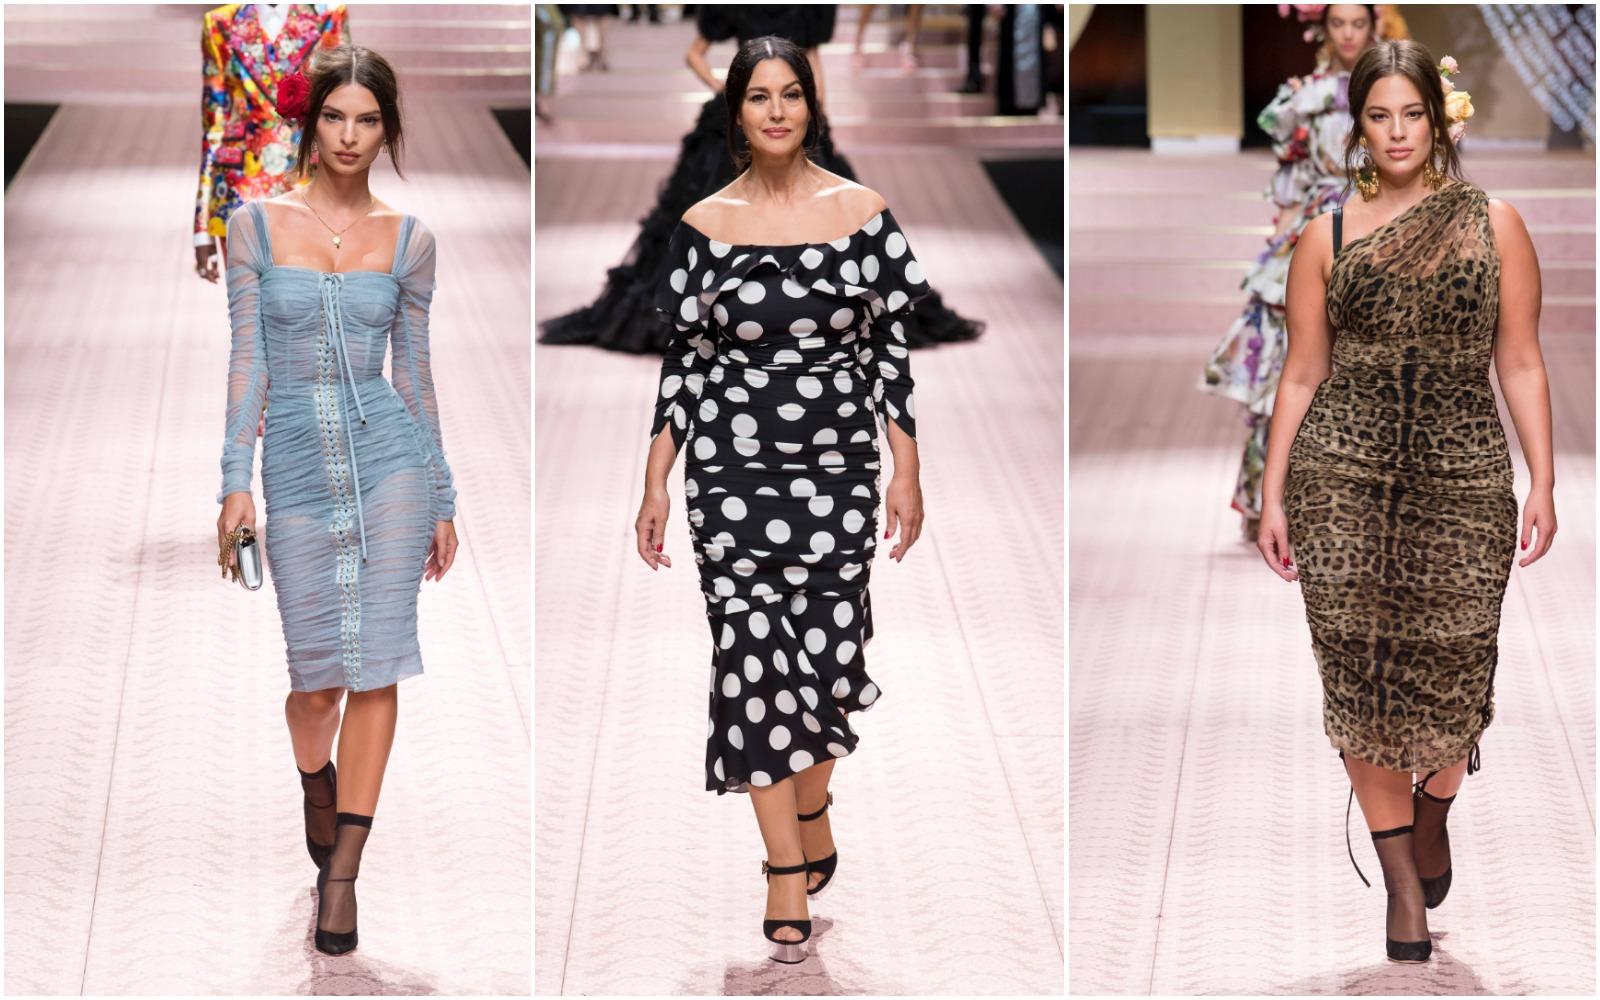 Colecția Dolce & Gabbana Primăvară/Vară 2019 celebrează femeia și diversitatea!